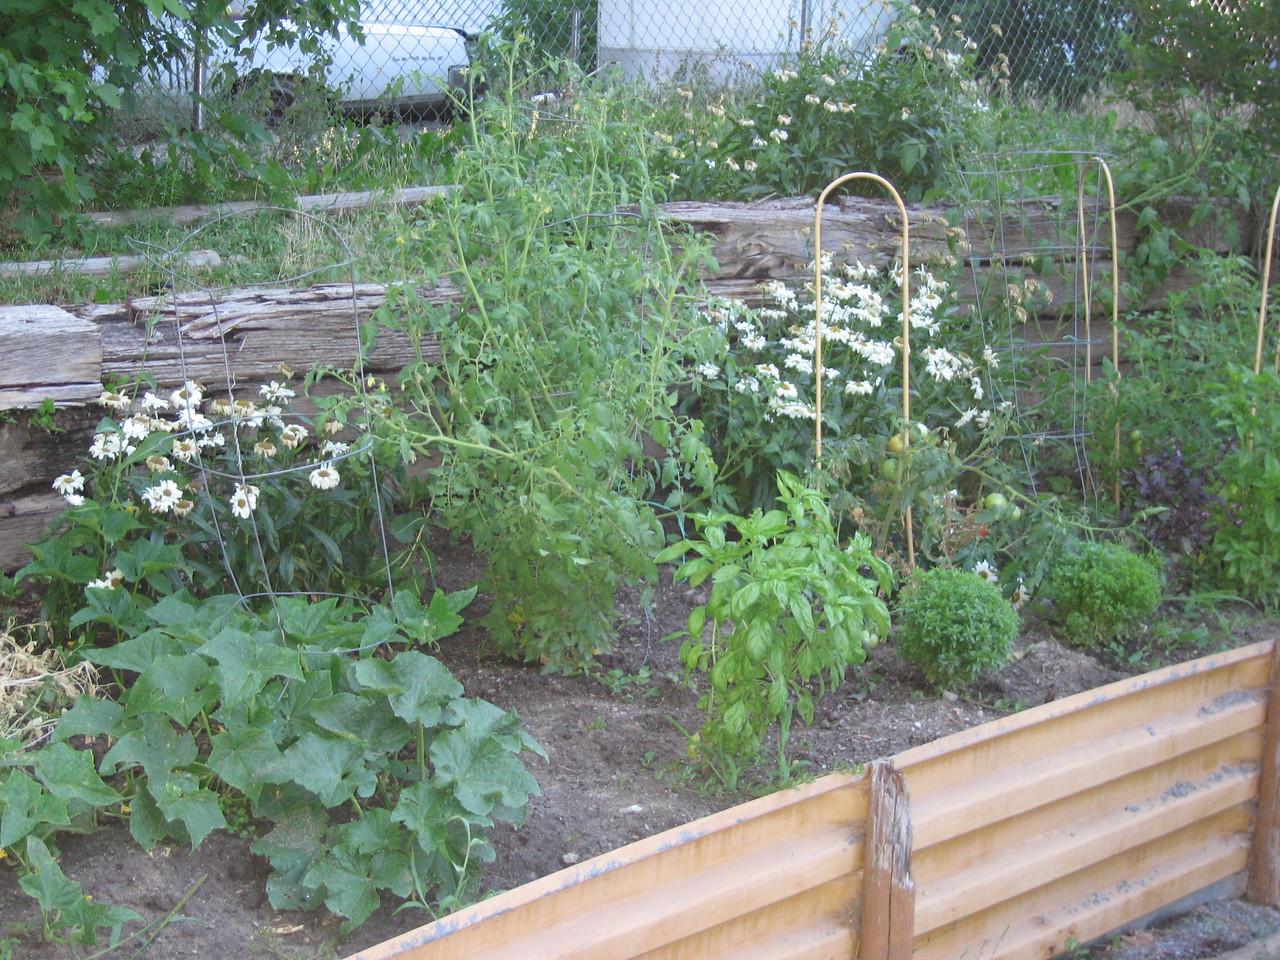 Quick shot of my garden.